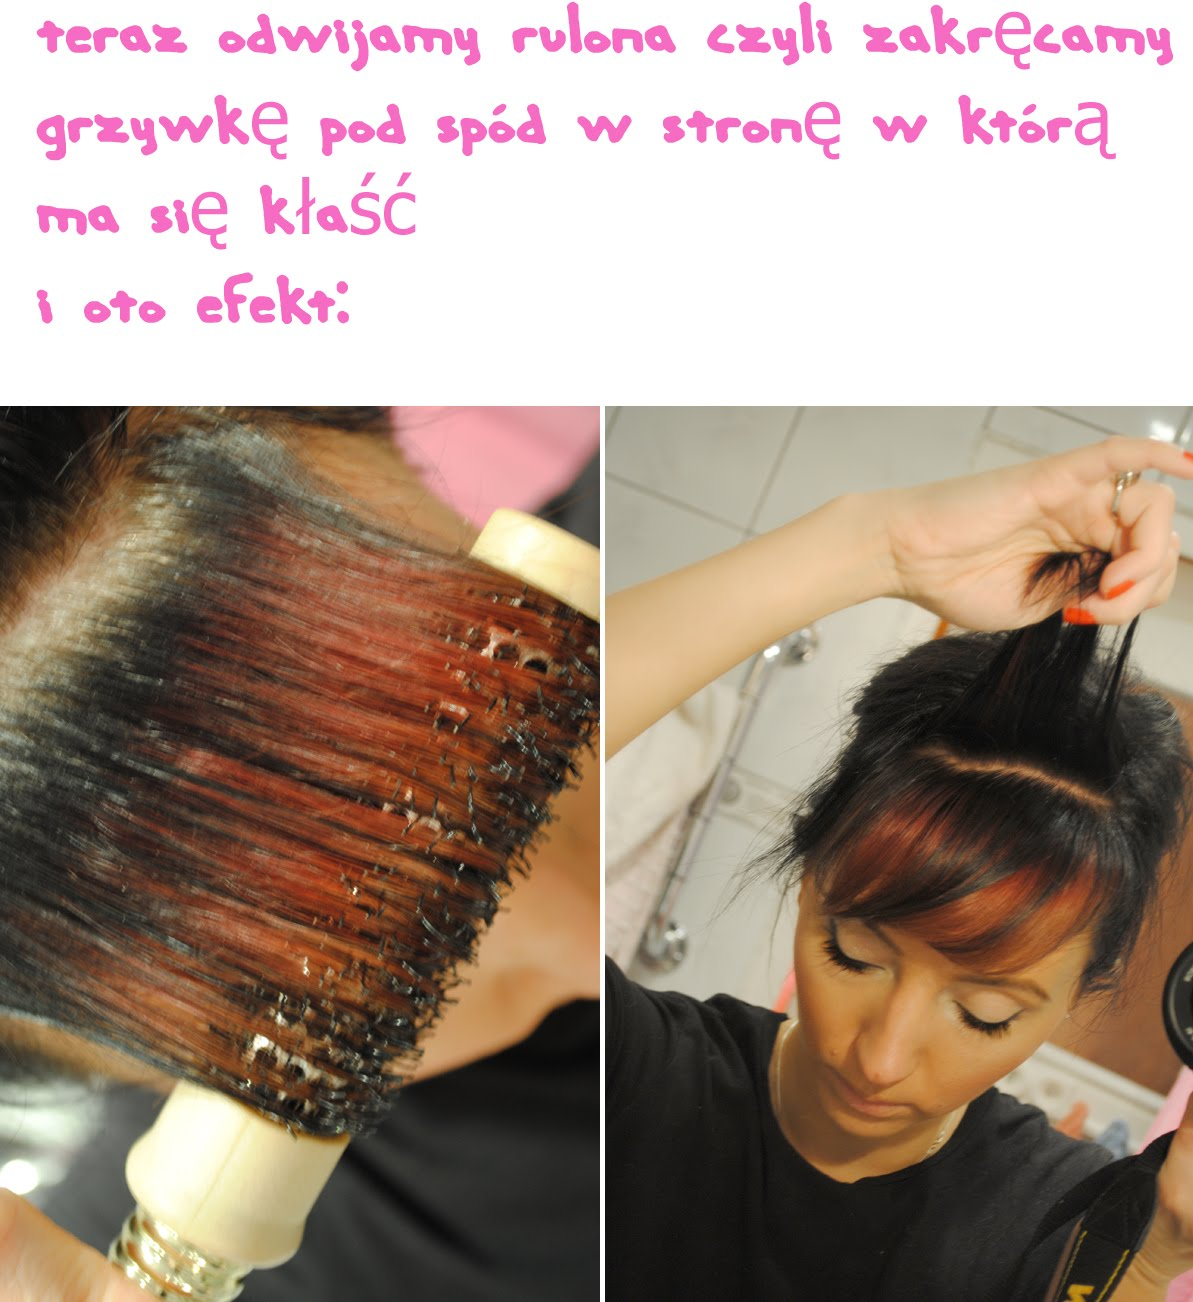 http://4.bp.blogspot.com/_BleGyVeZy4k/TUVwgl_KmUI/AAAAAAAADEA/0Hwq8ms-xec/s1600/grzywka3.jpg